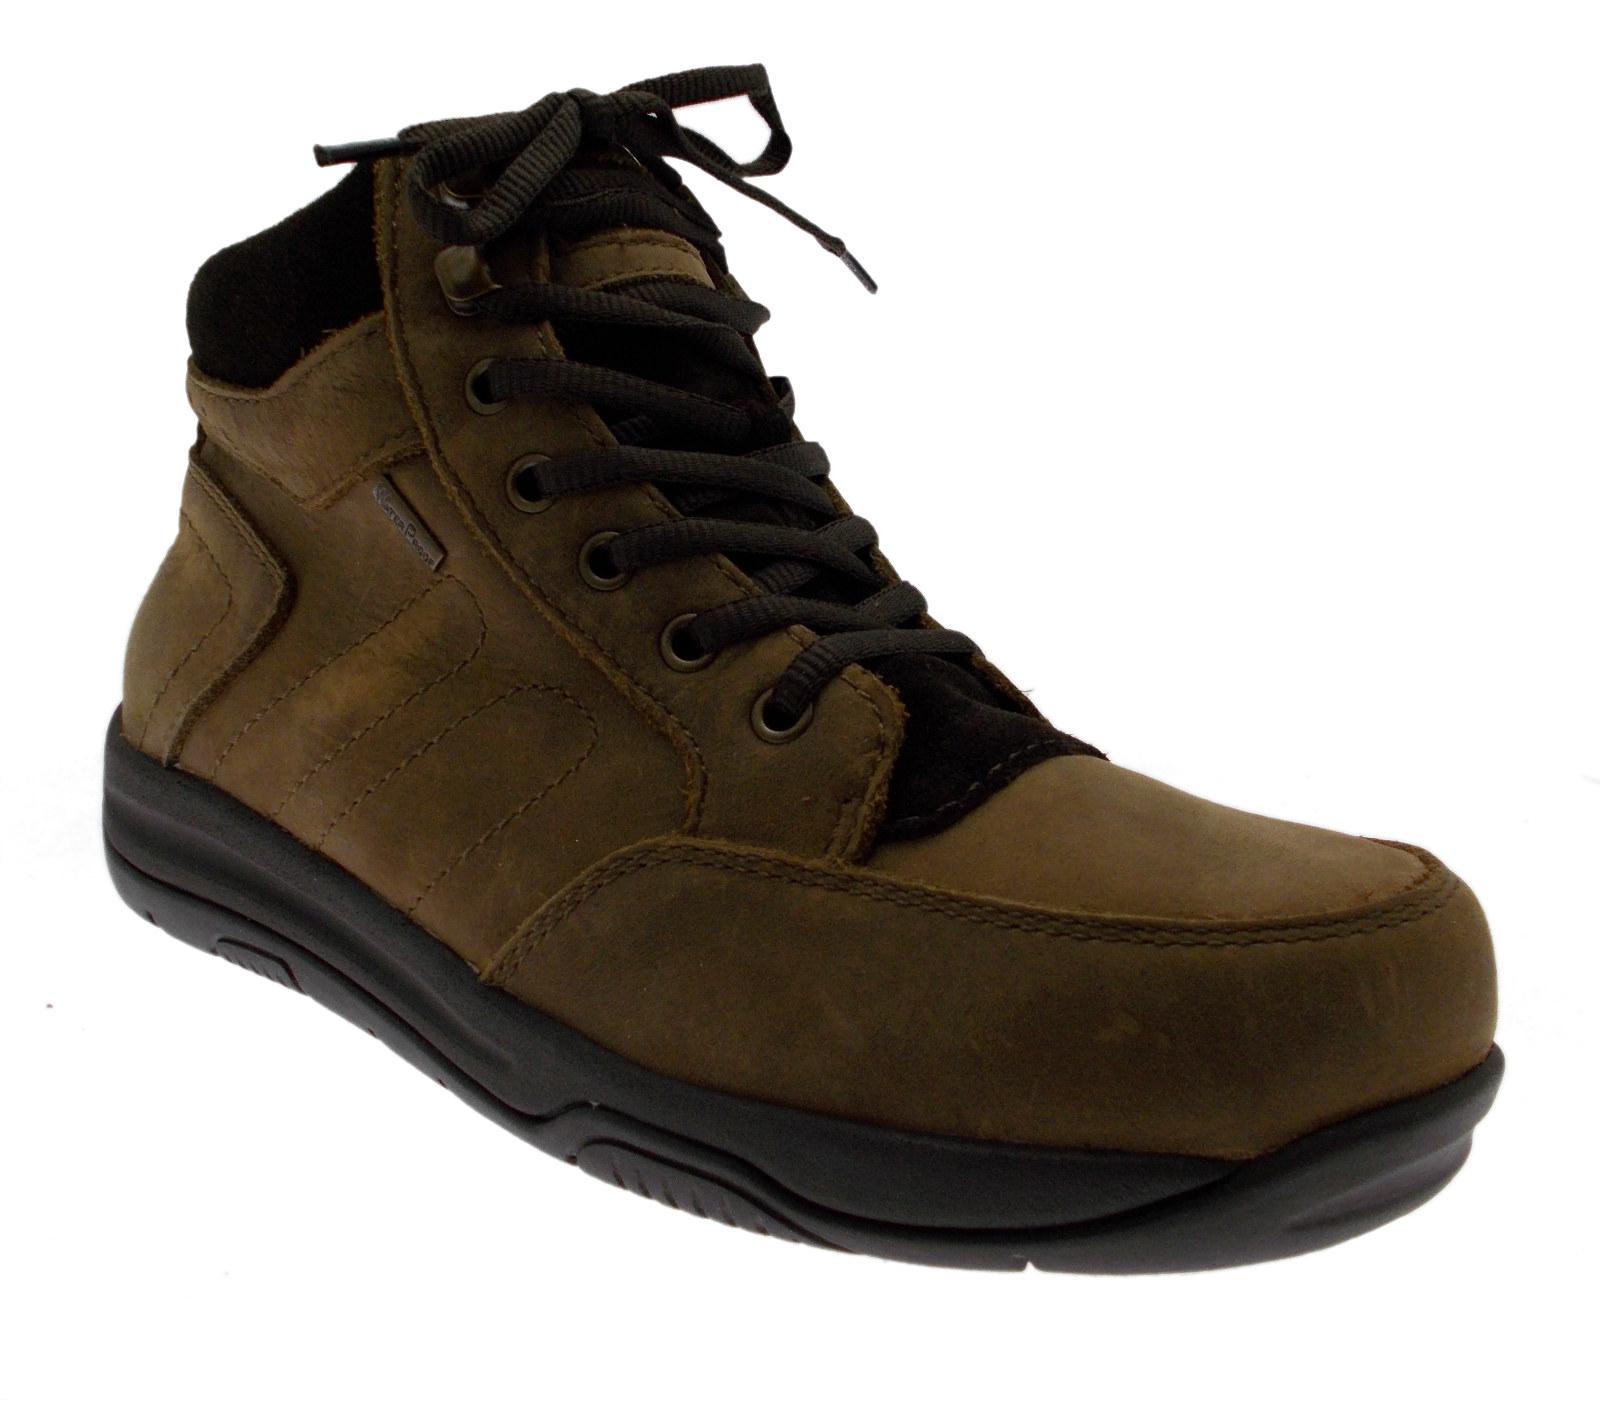 art MAKO polacchino nabuk marrone scarpa uomo Swissies Scarpe classiche da uomo